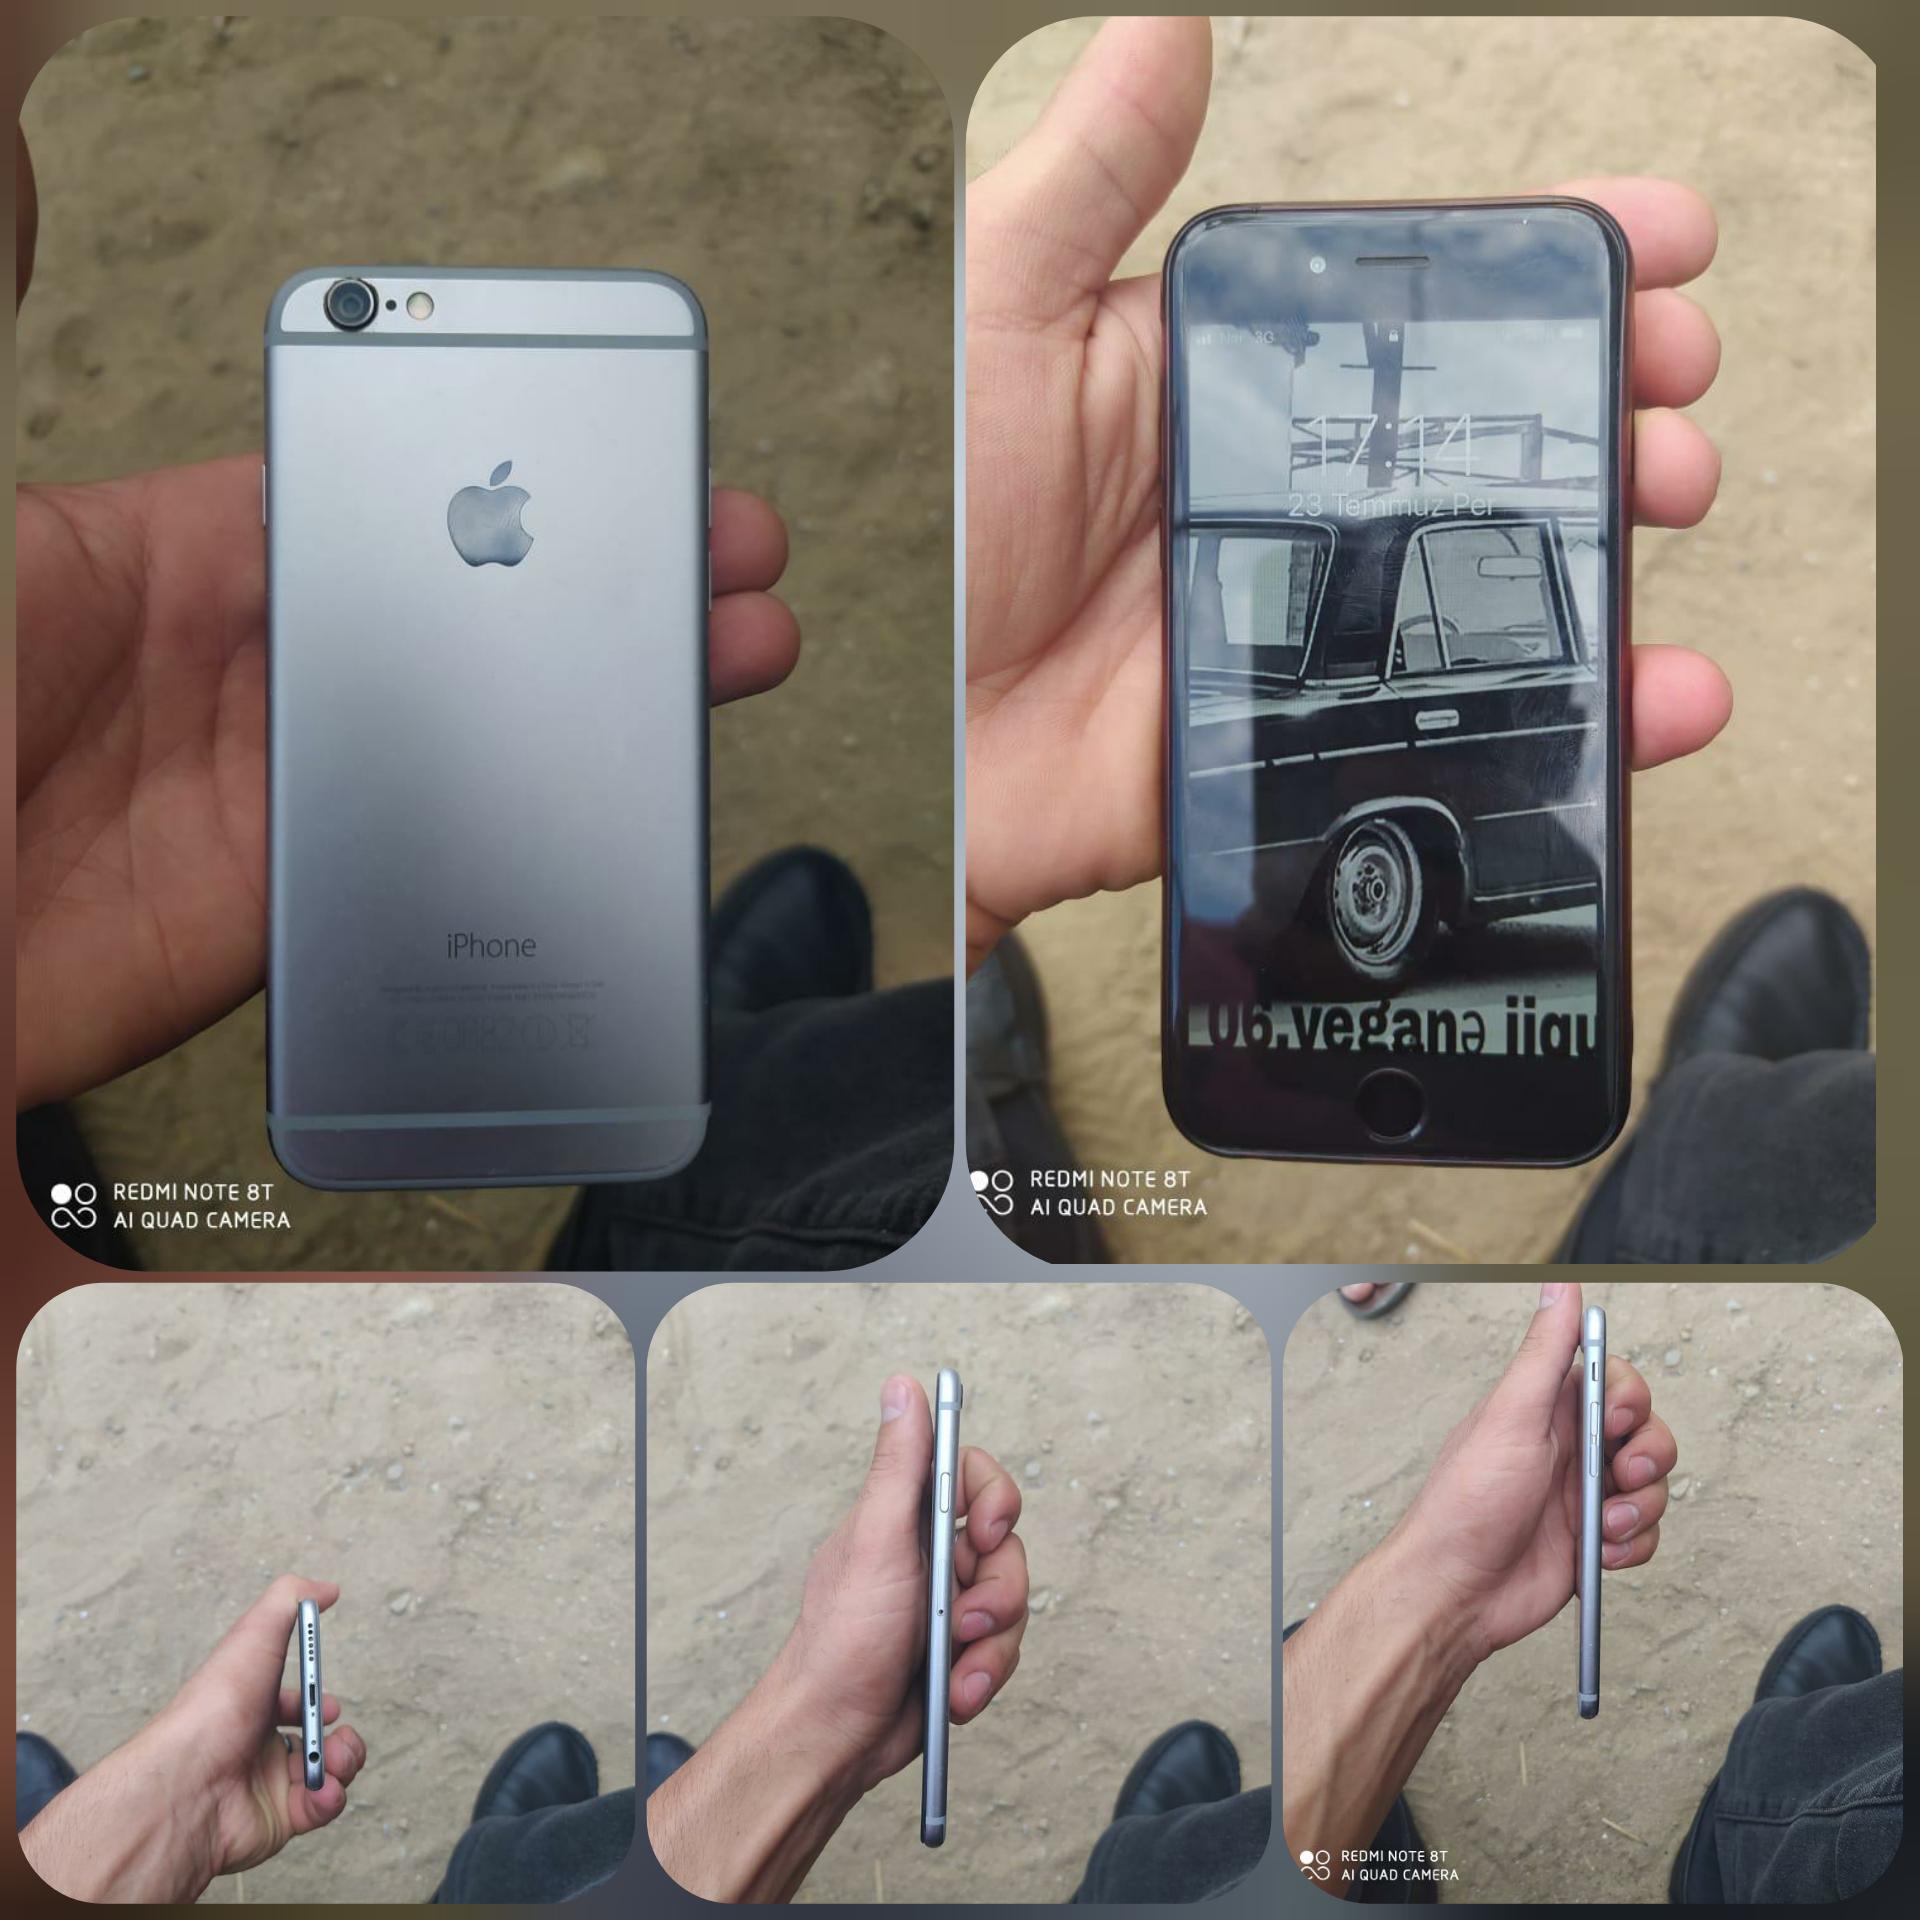 İphone 6s 16 fb yaddaş barmaq izi işləmir. Başqa  heçnə problemi yoxdur. Qiymət: 250m Ünv: Mastaga .q